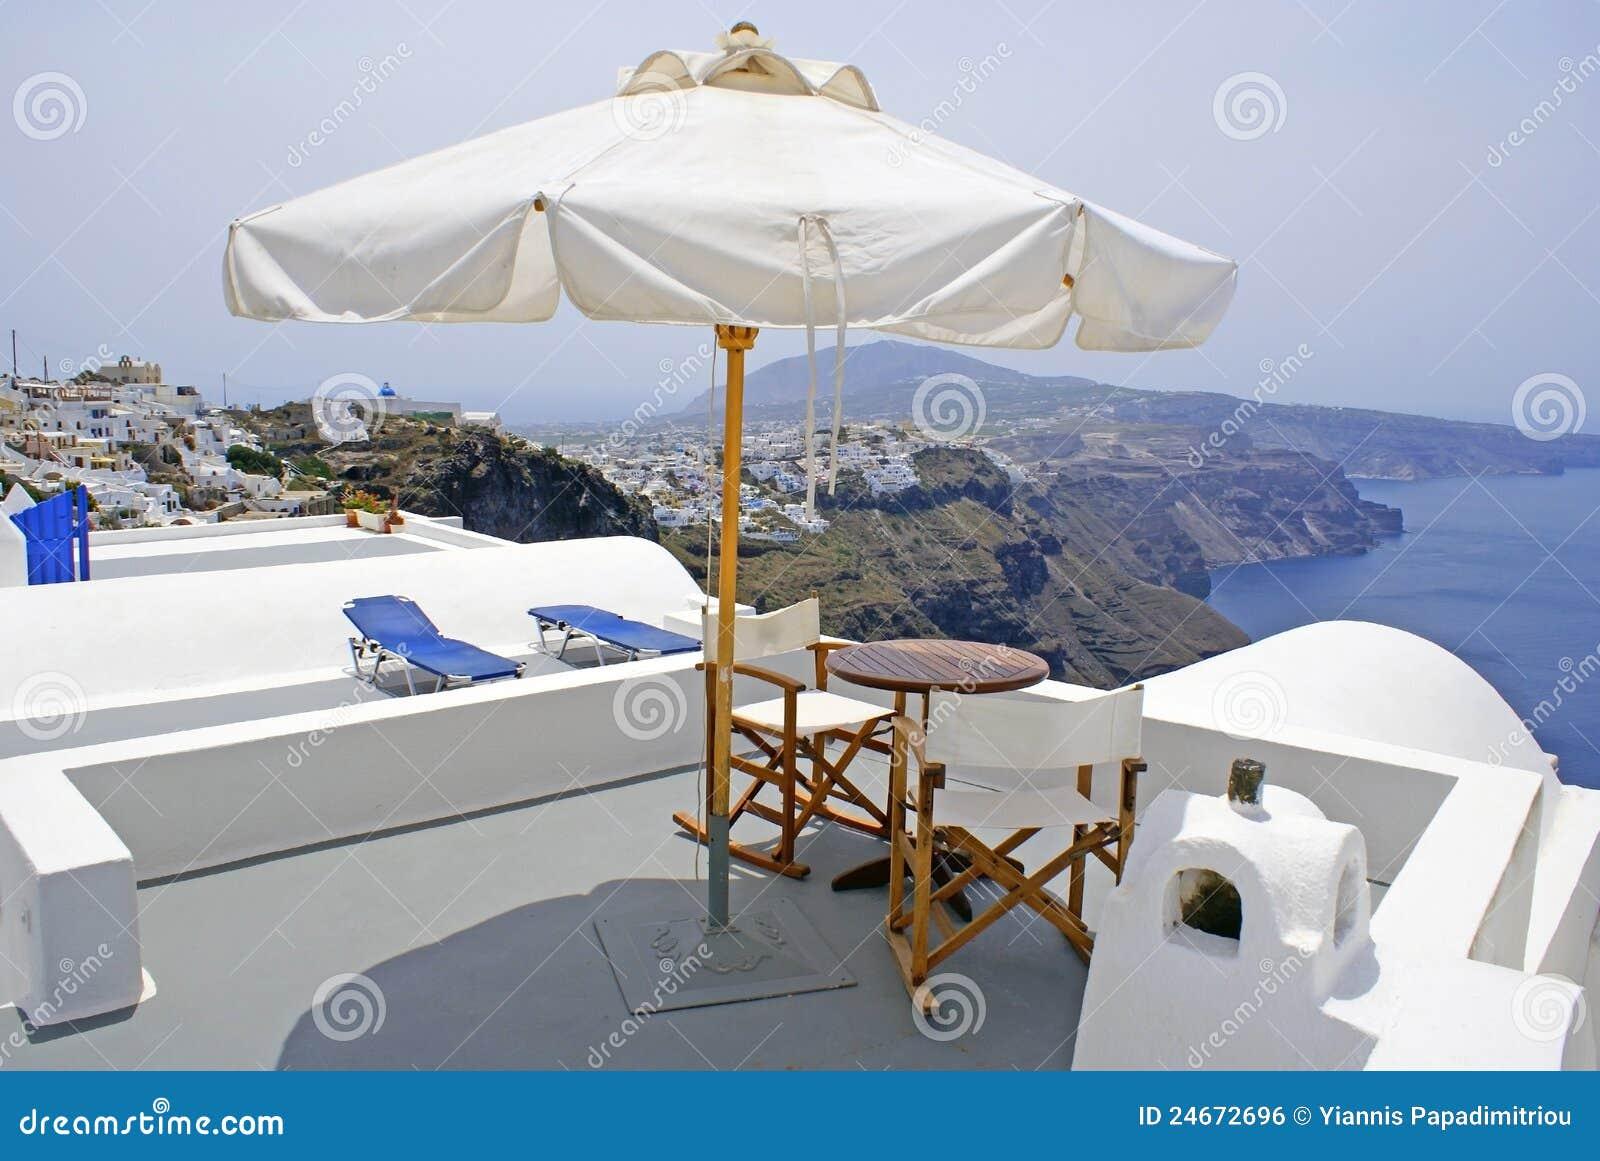 Architecture traditionnelle grecque dans l 39 isla de for Architecture traditionnelle